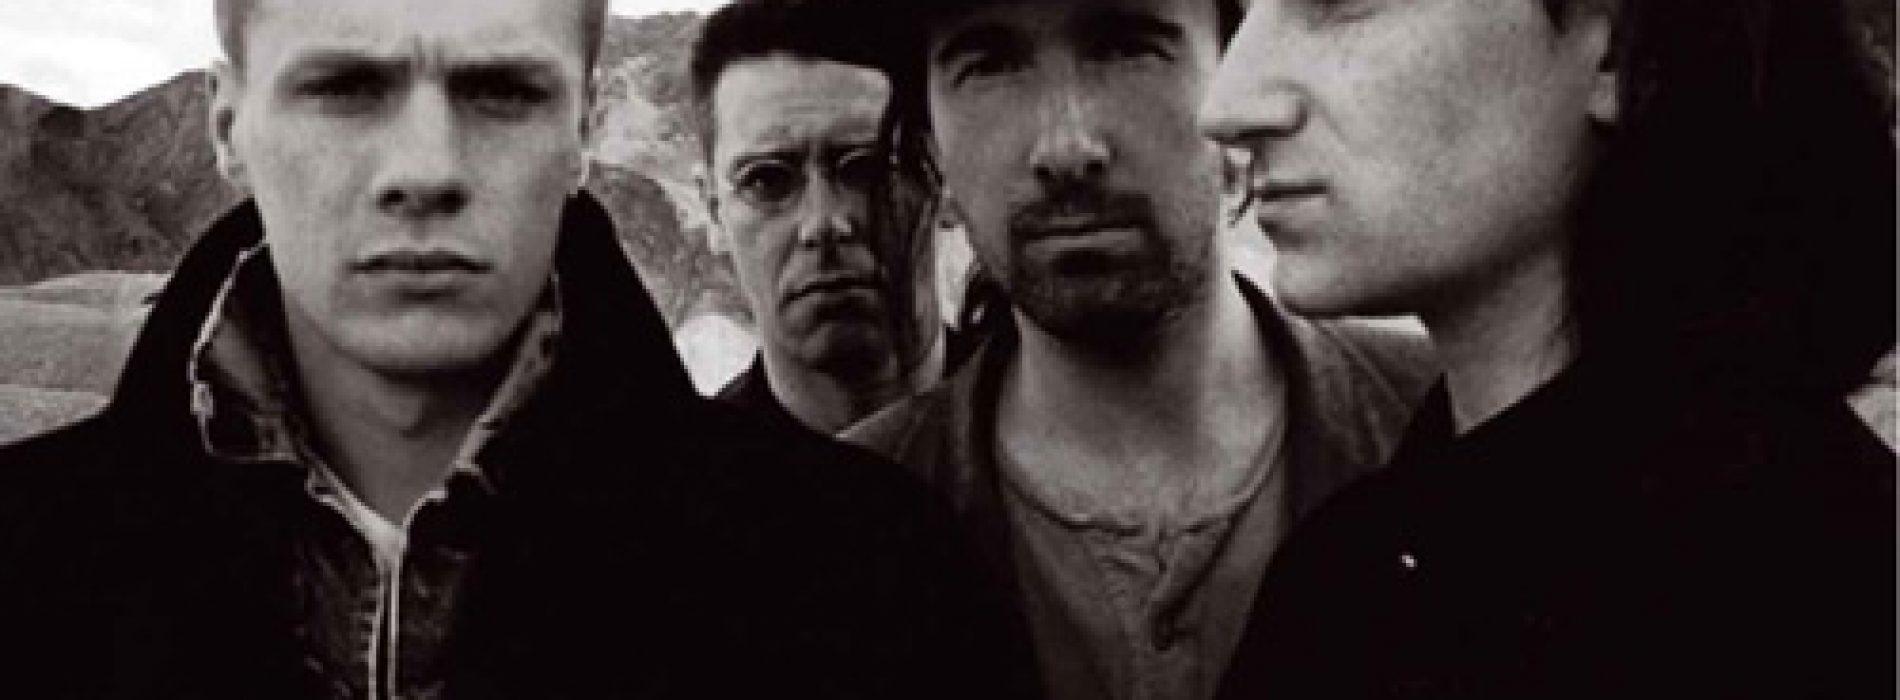 U2: The Joshua Tree Tour 2017 … Yes the Joshua Tree Tour